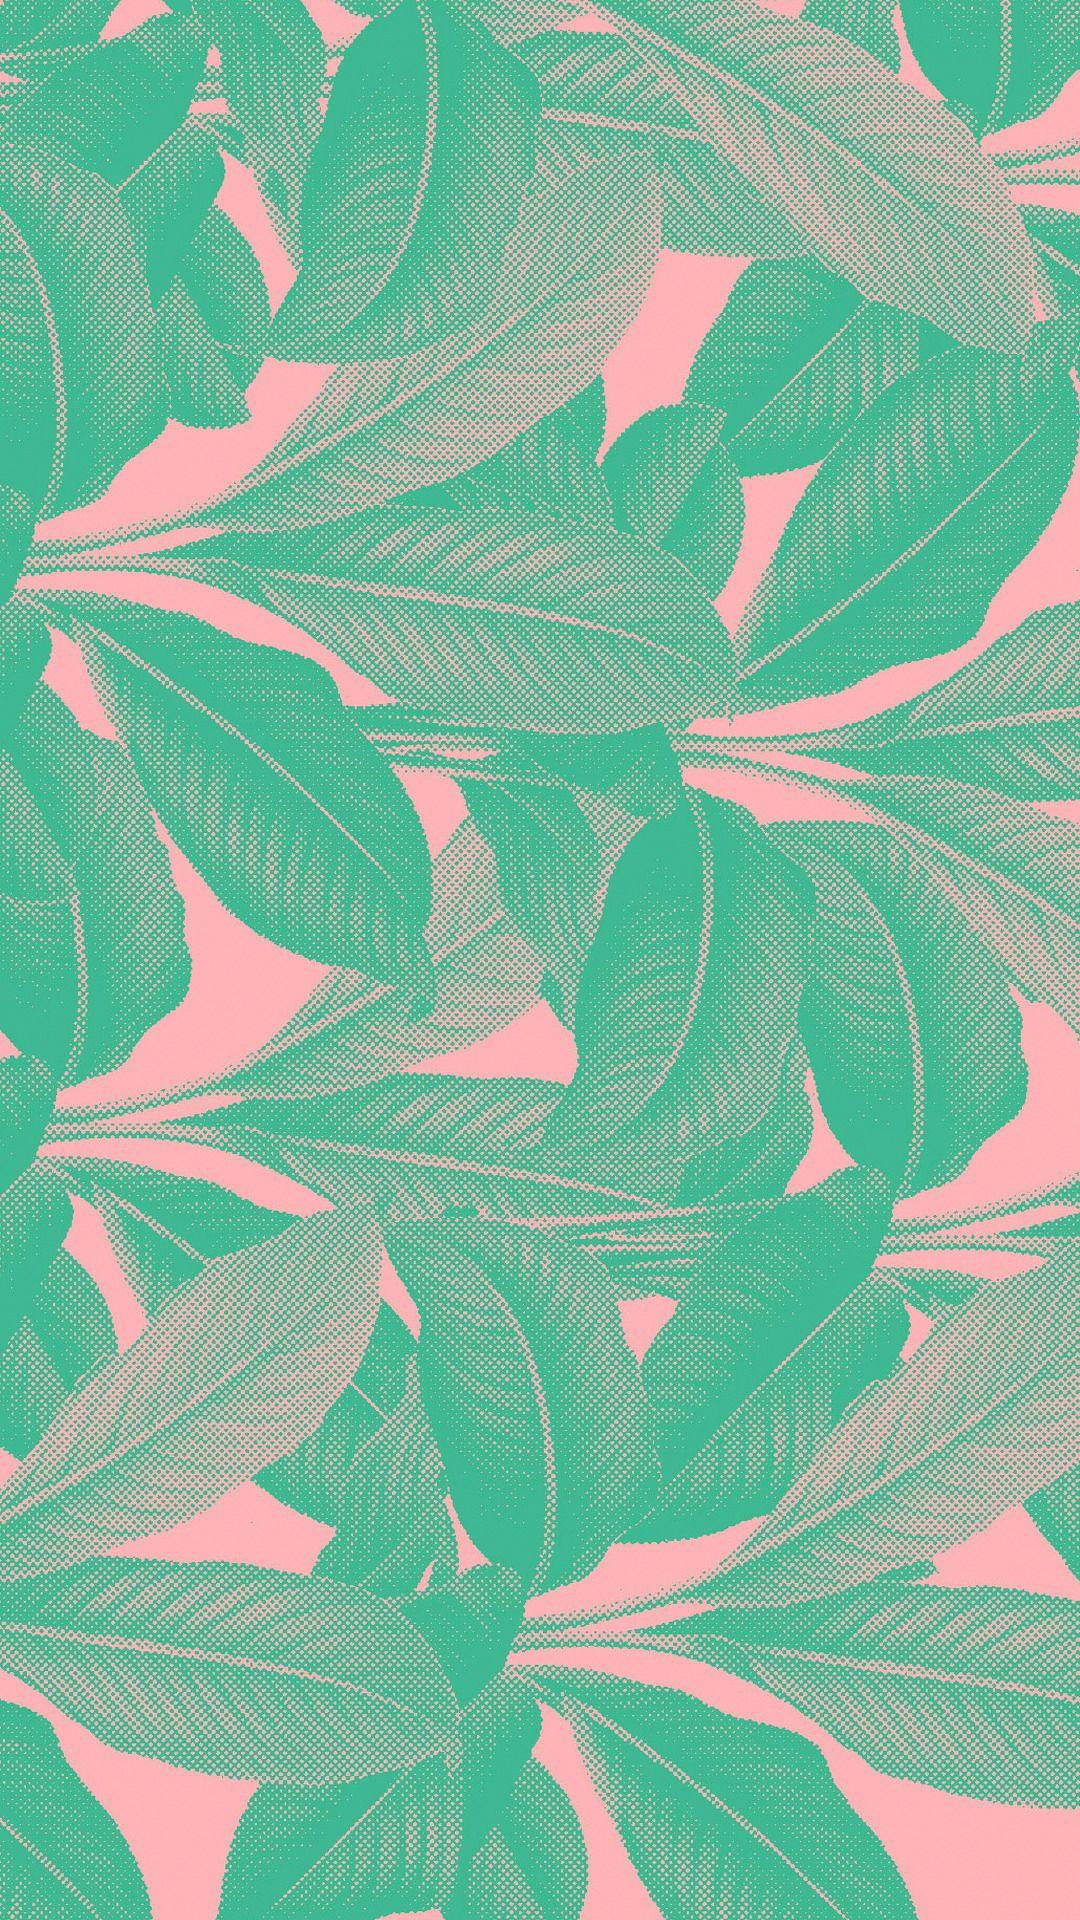 DRESS UP YOUR TECH Mint wallpaper, Mint green wallpaper